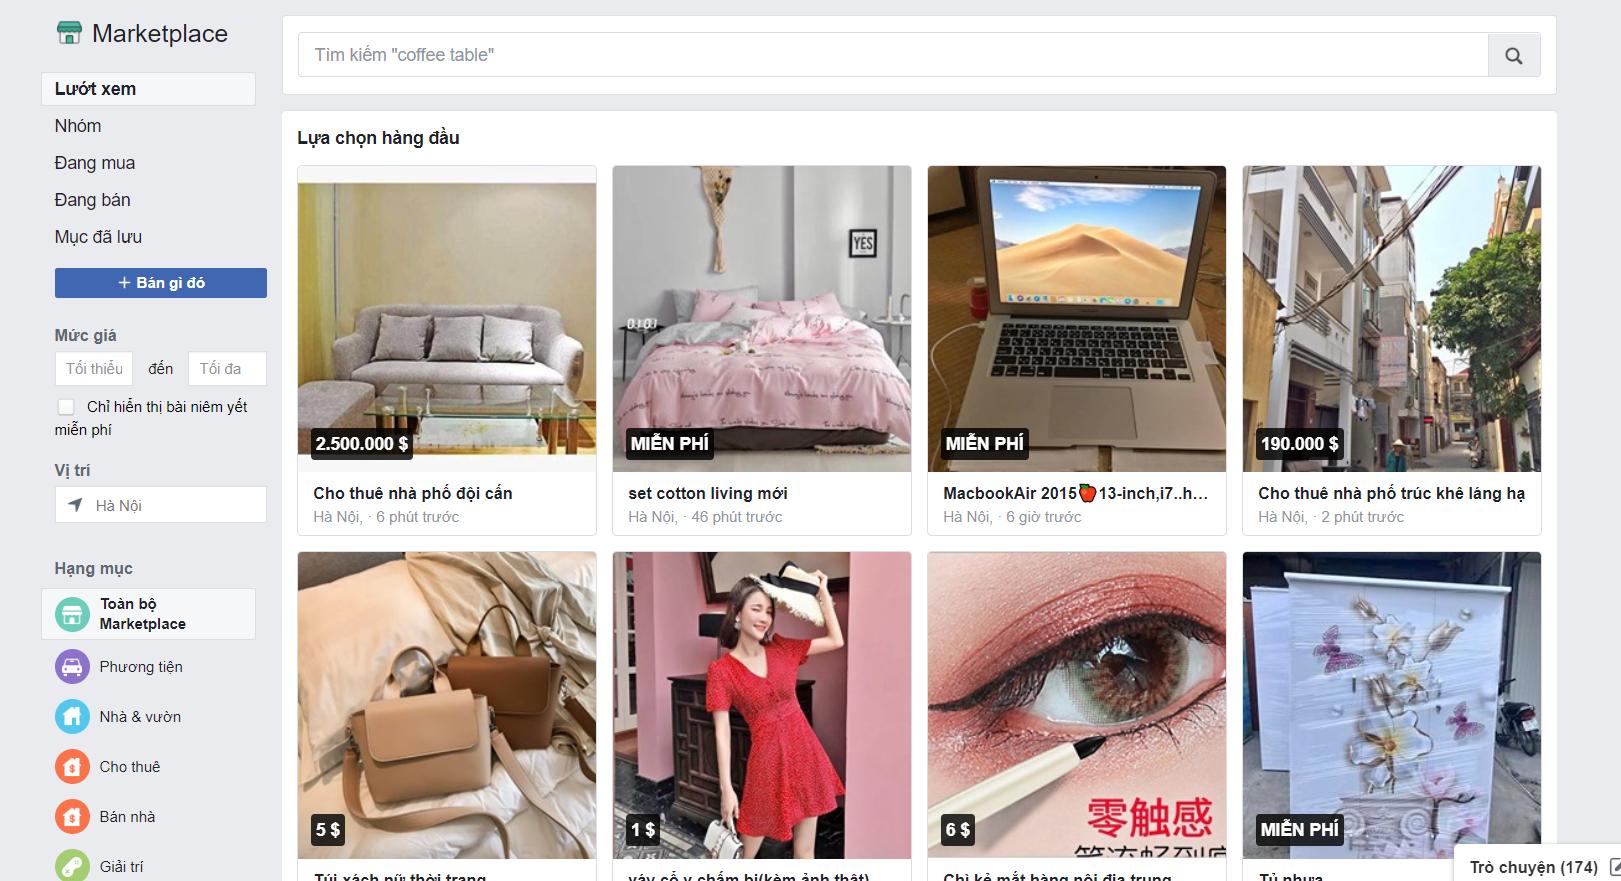 giao diện marketplace bán hàng trên facebook